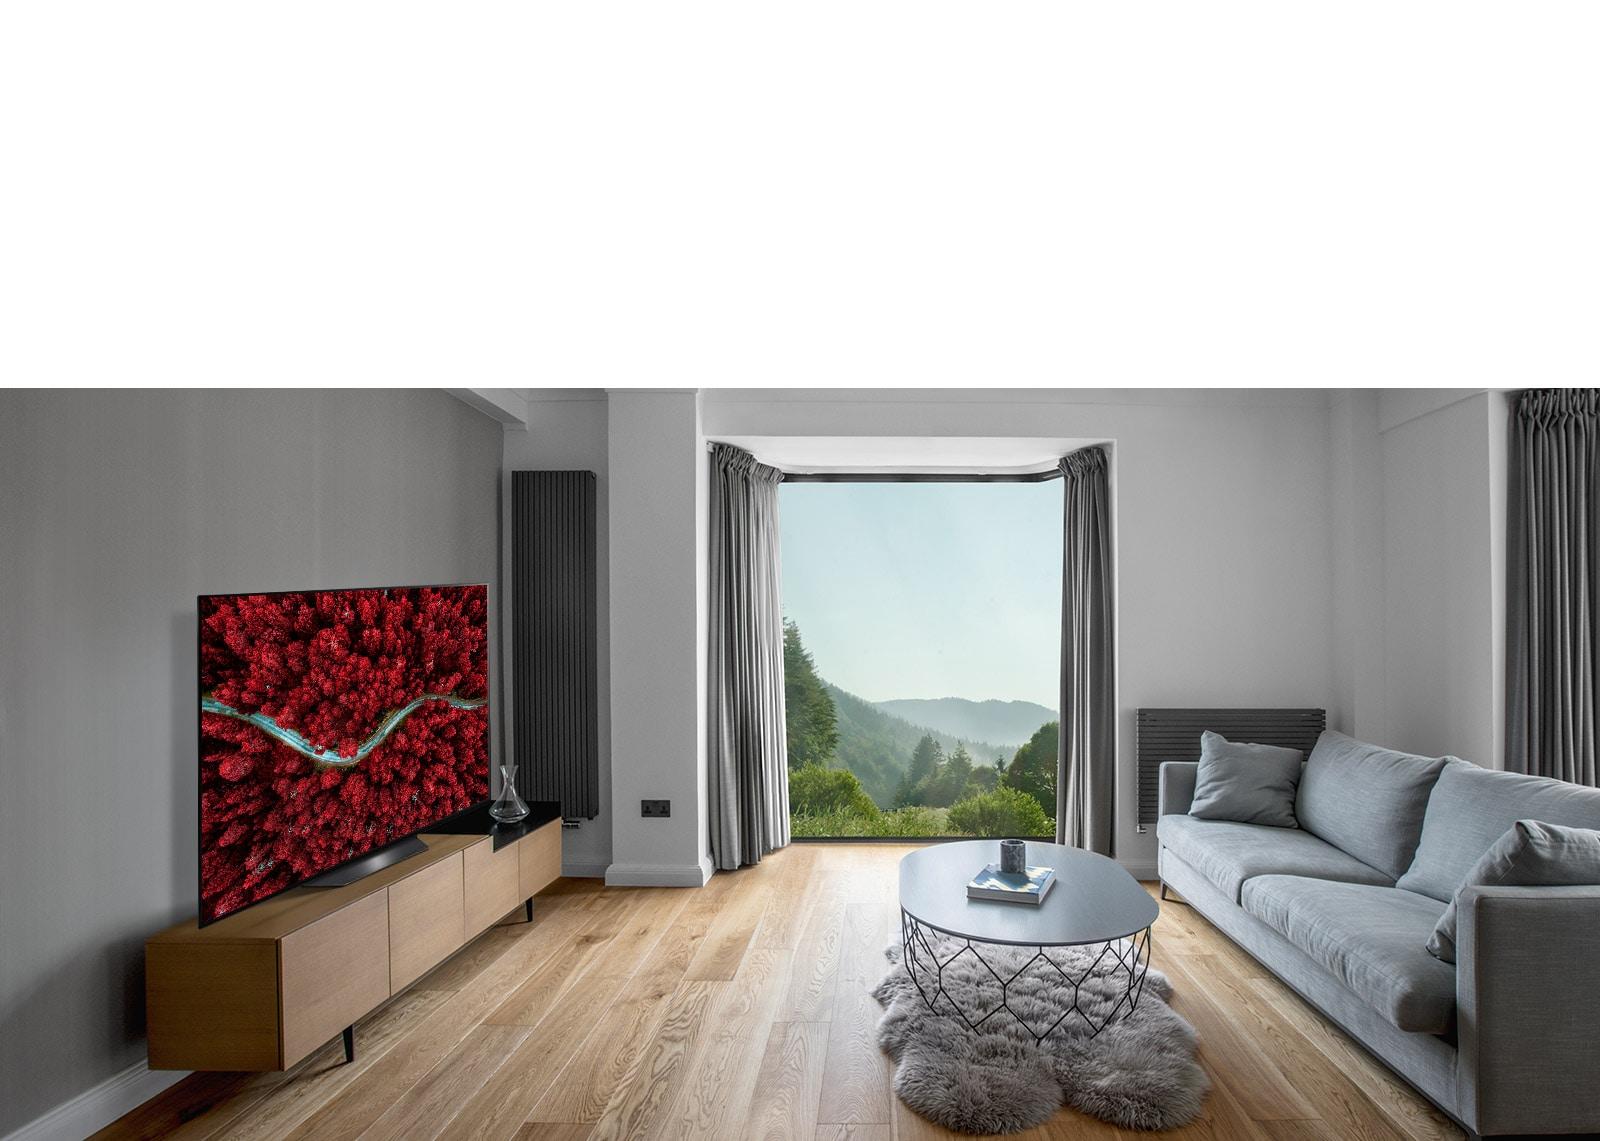 Dnevna soba s kavčem in televizorjem z zračnim pogledom na naravo